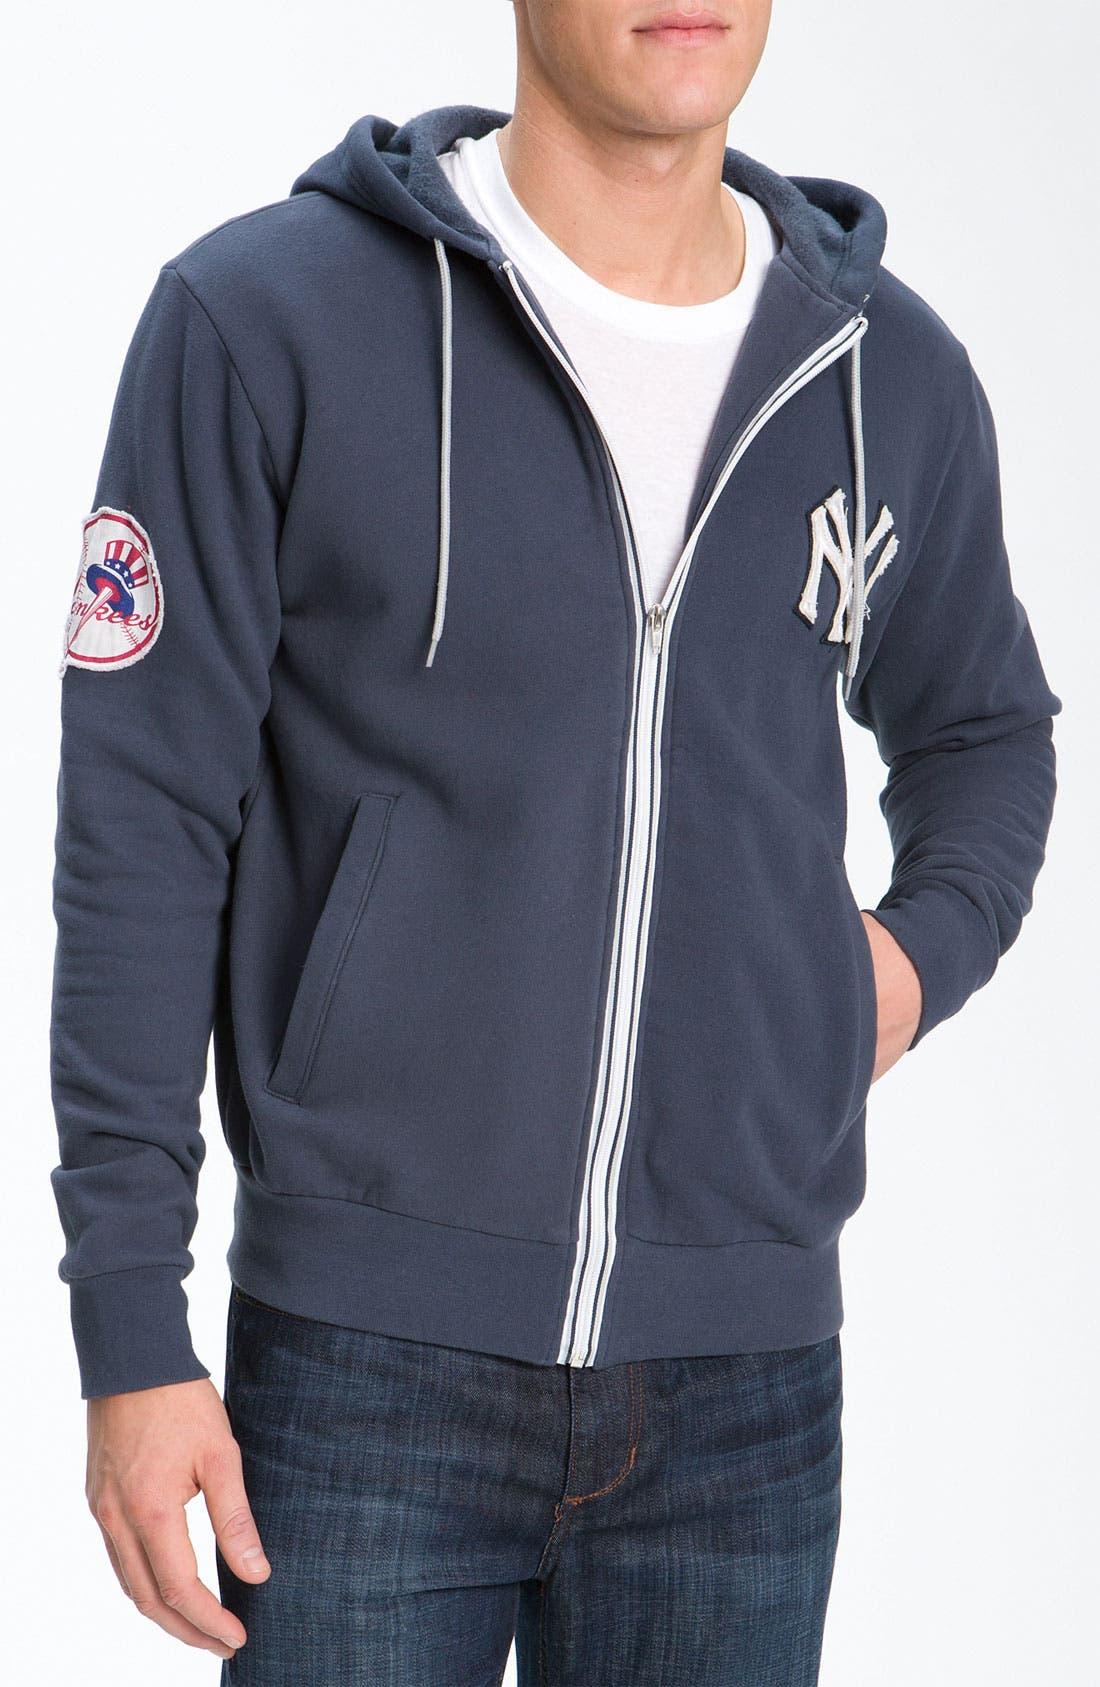 Main Image - Wright & Ditson 'New York Yankees' Hoodie